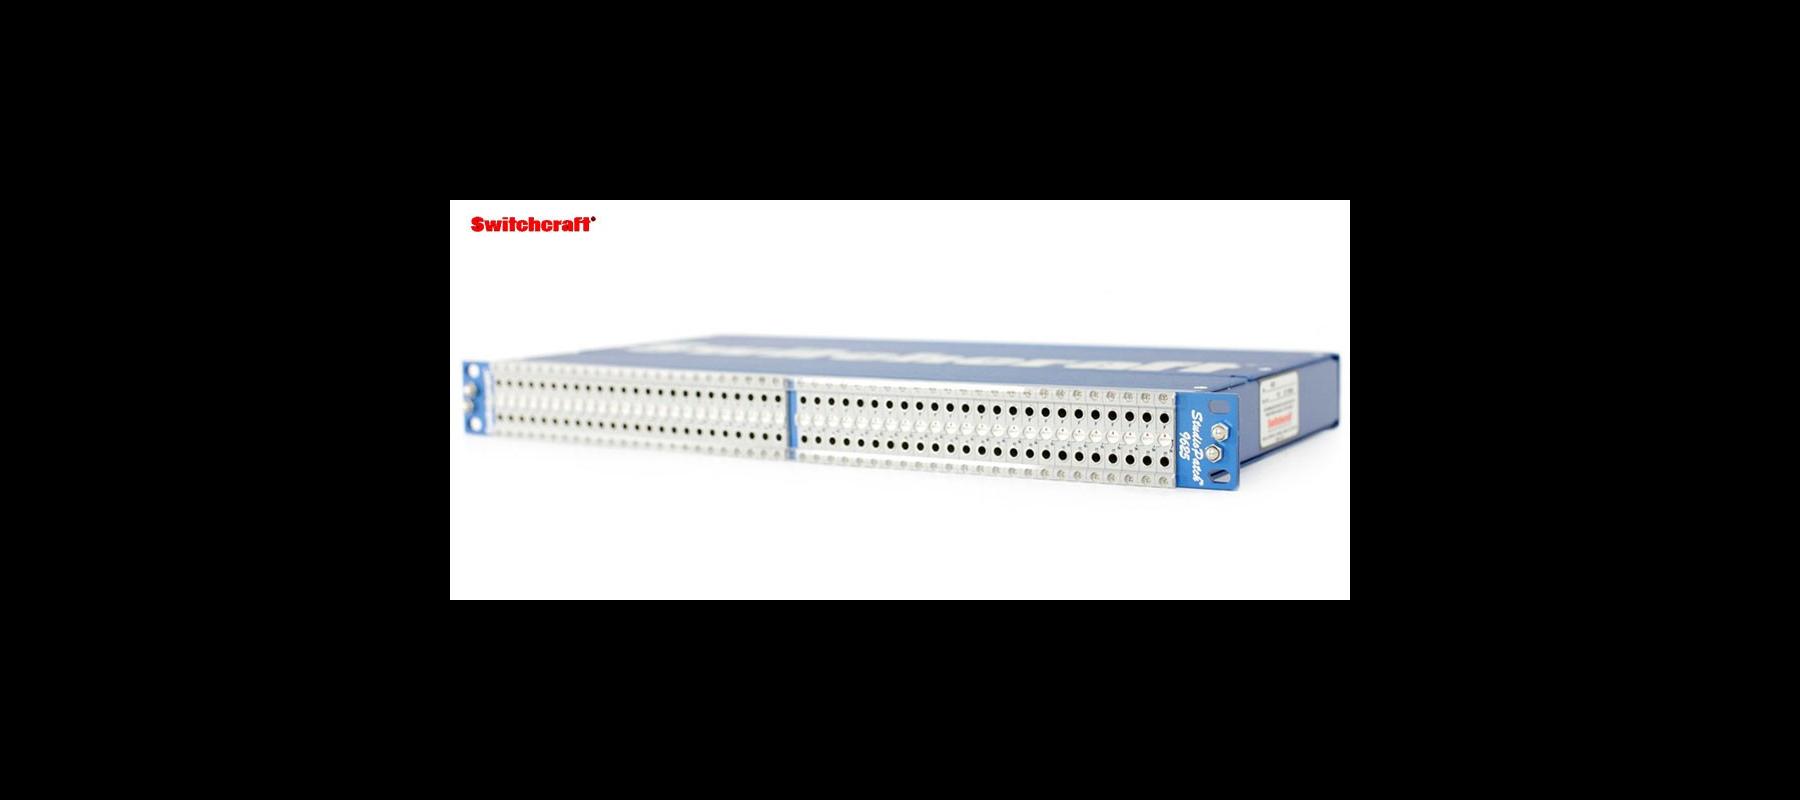 Switchcraft 9625